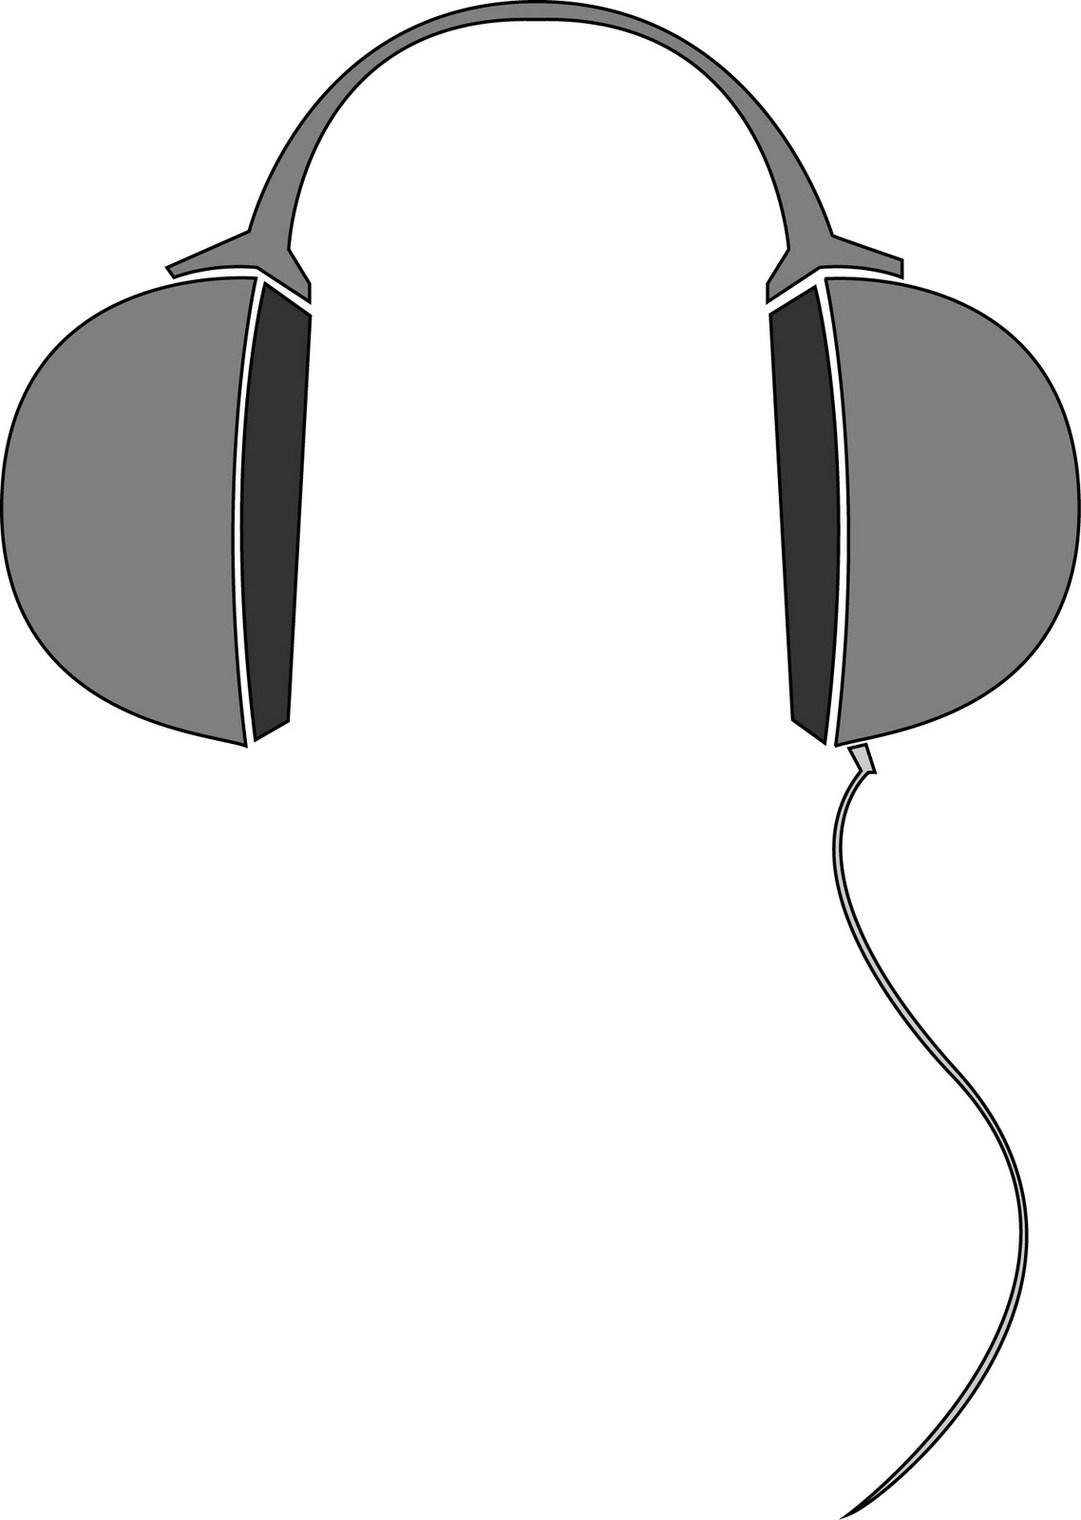 Headphones drawing simple